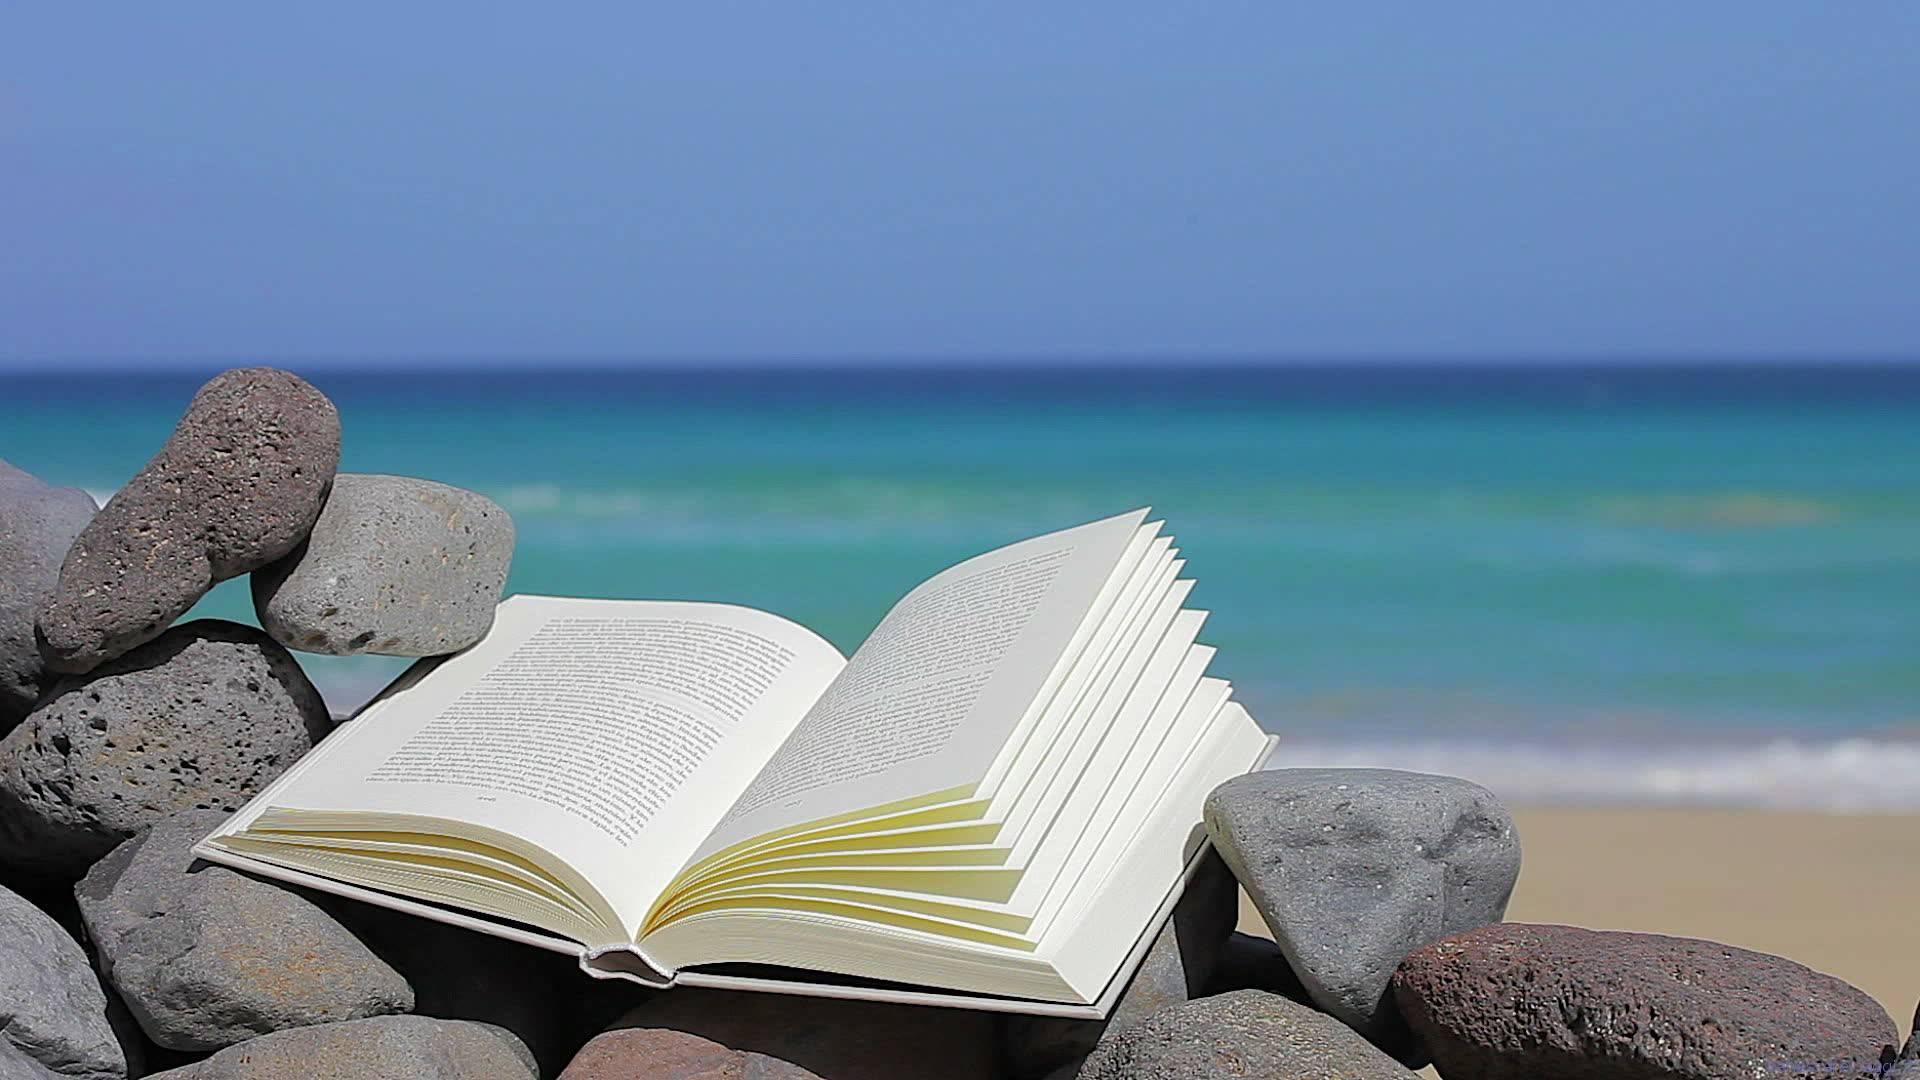 Spiagge libere di riccione la tranquillit e la libert for Immagini hd mare